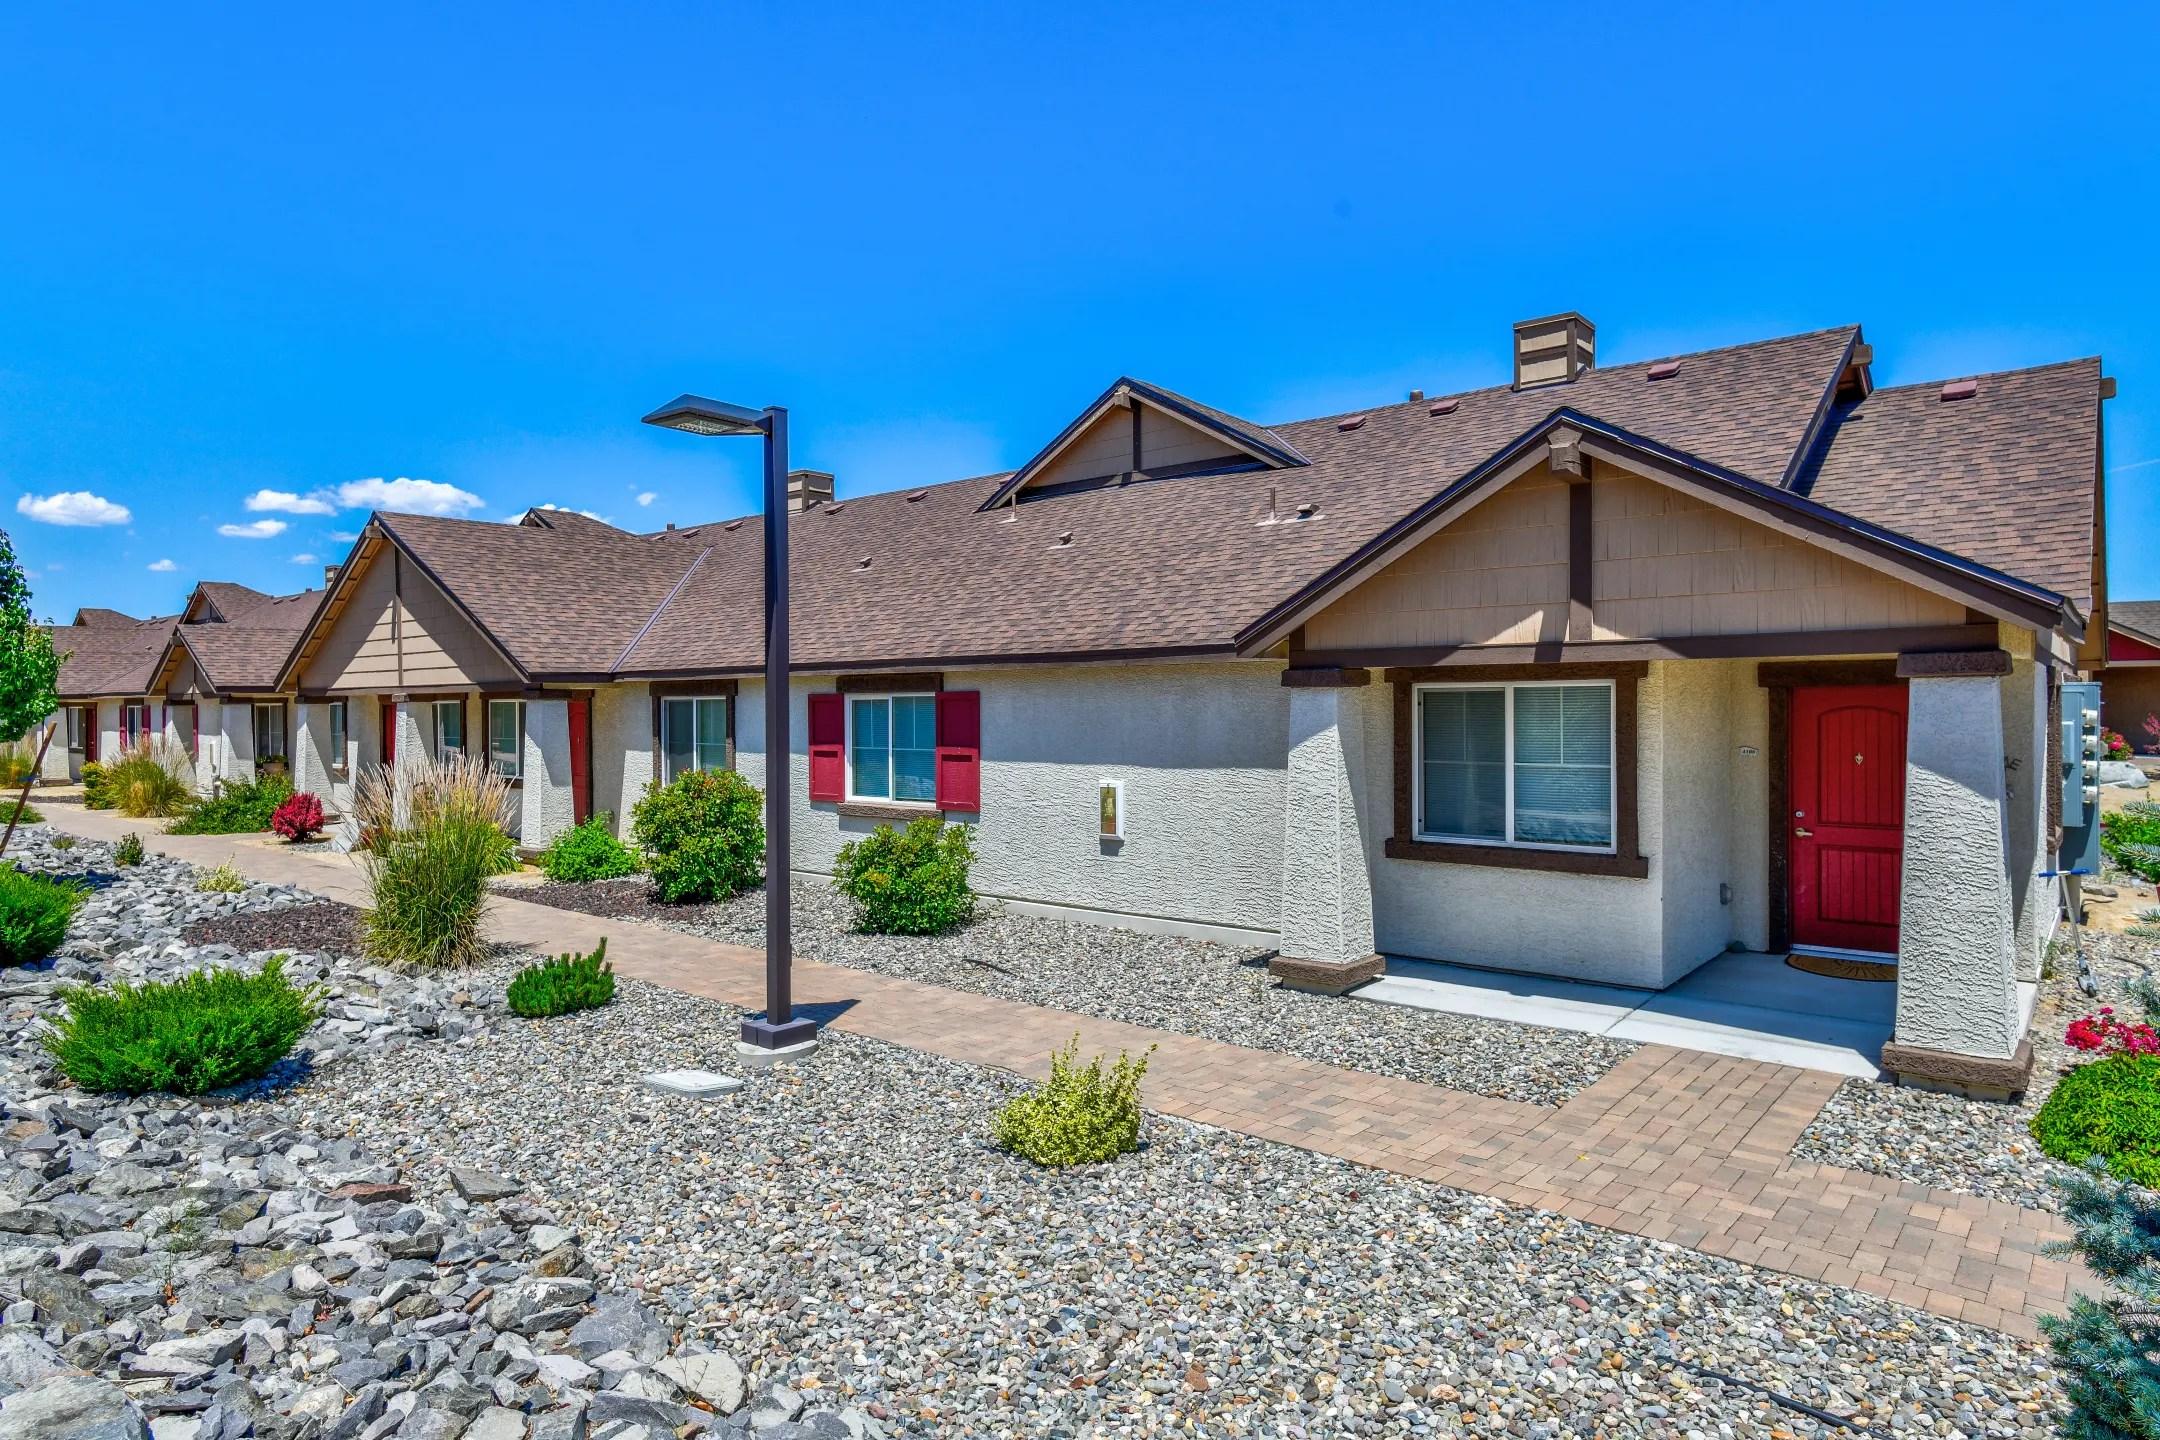 Sierra Sage Off-Campus TMCC Housing   College Rentals on Sierra College Dorms  id=73004